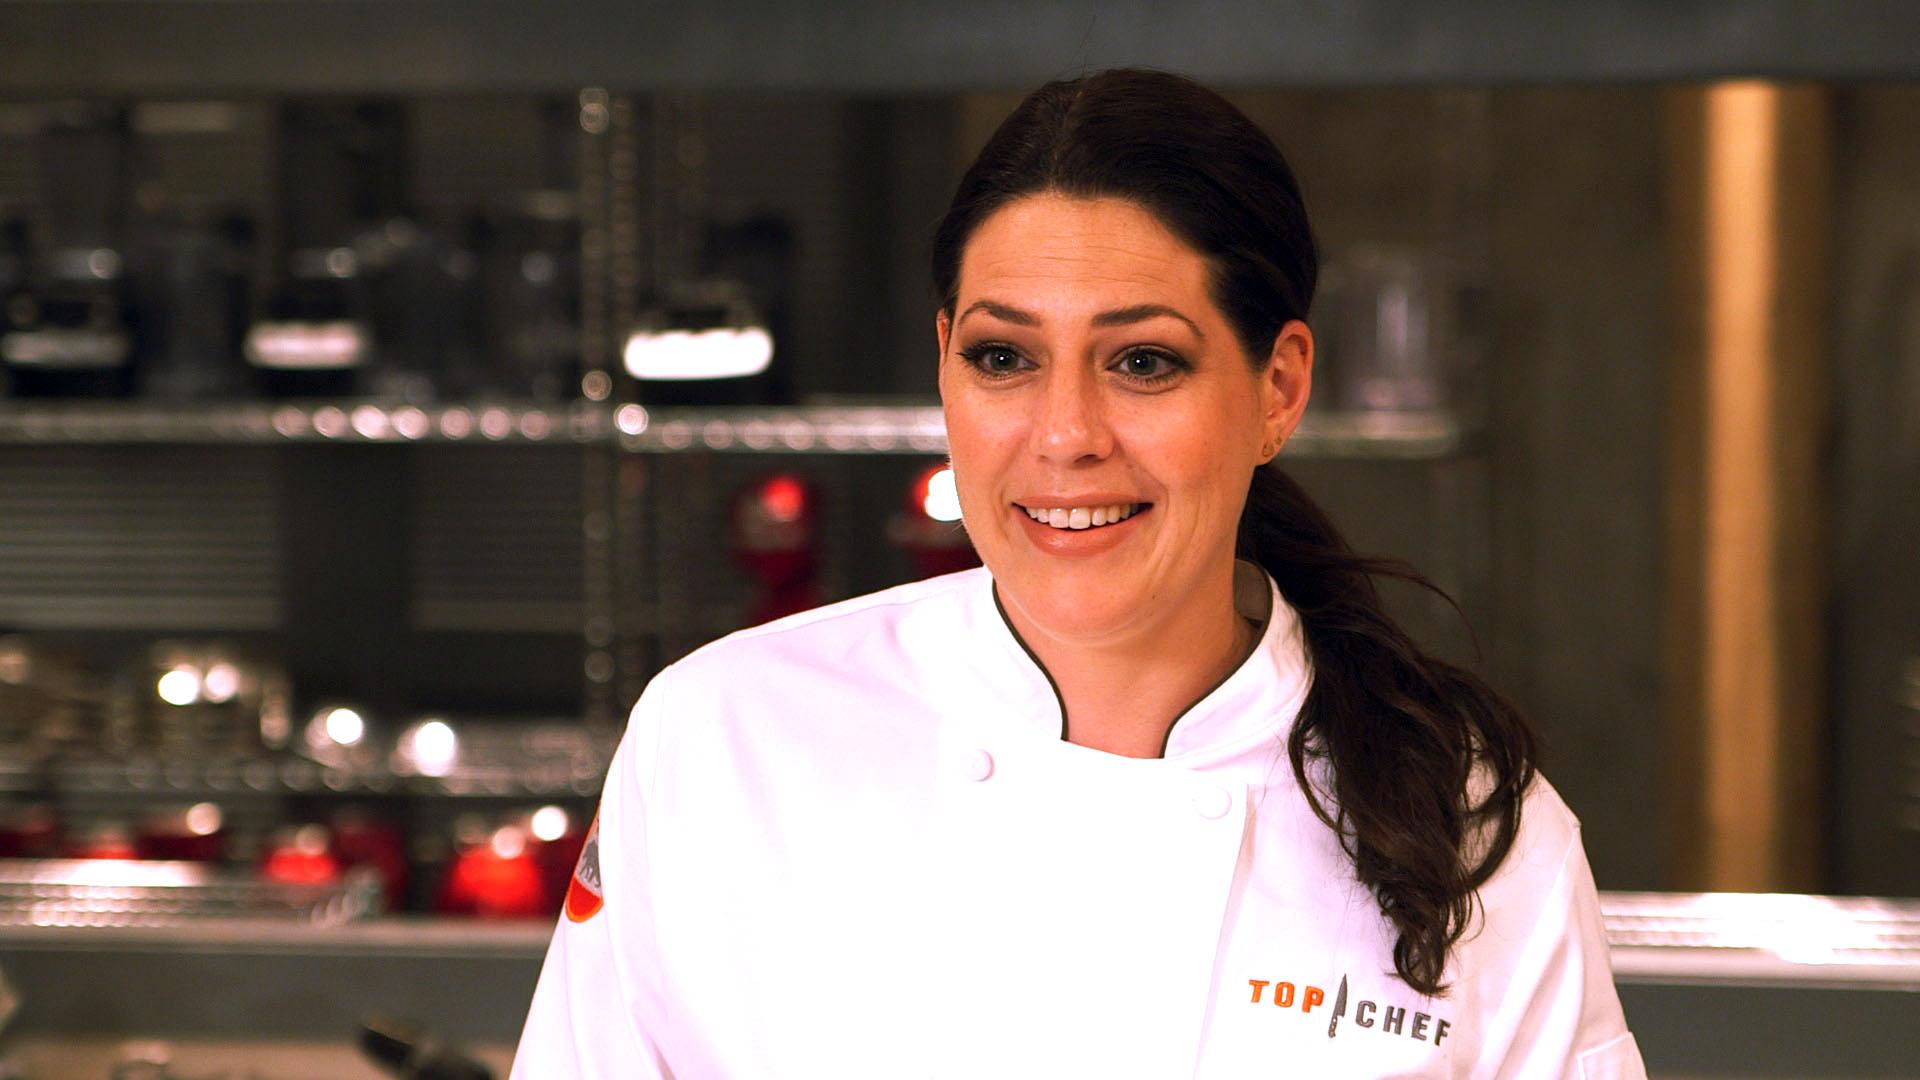 Watch Top Chef 13: Meet Grayson Schmitz |